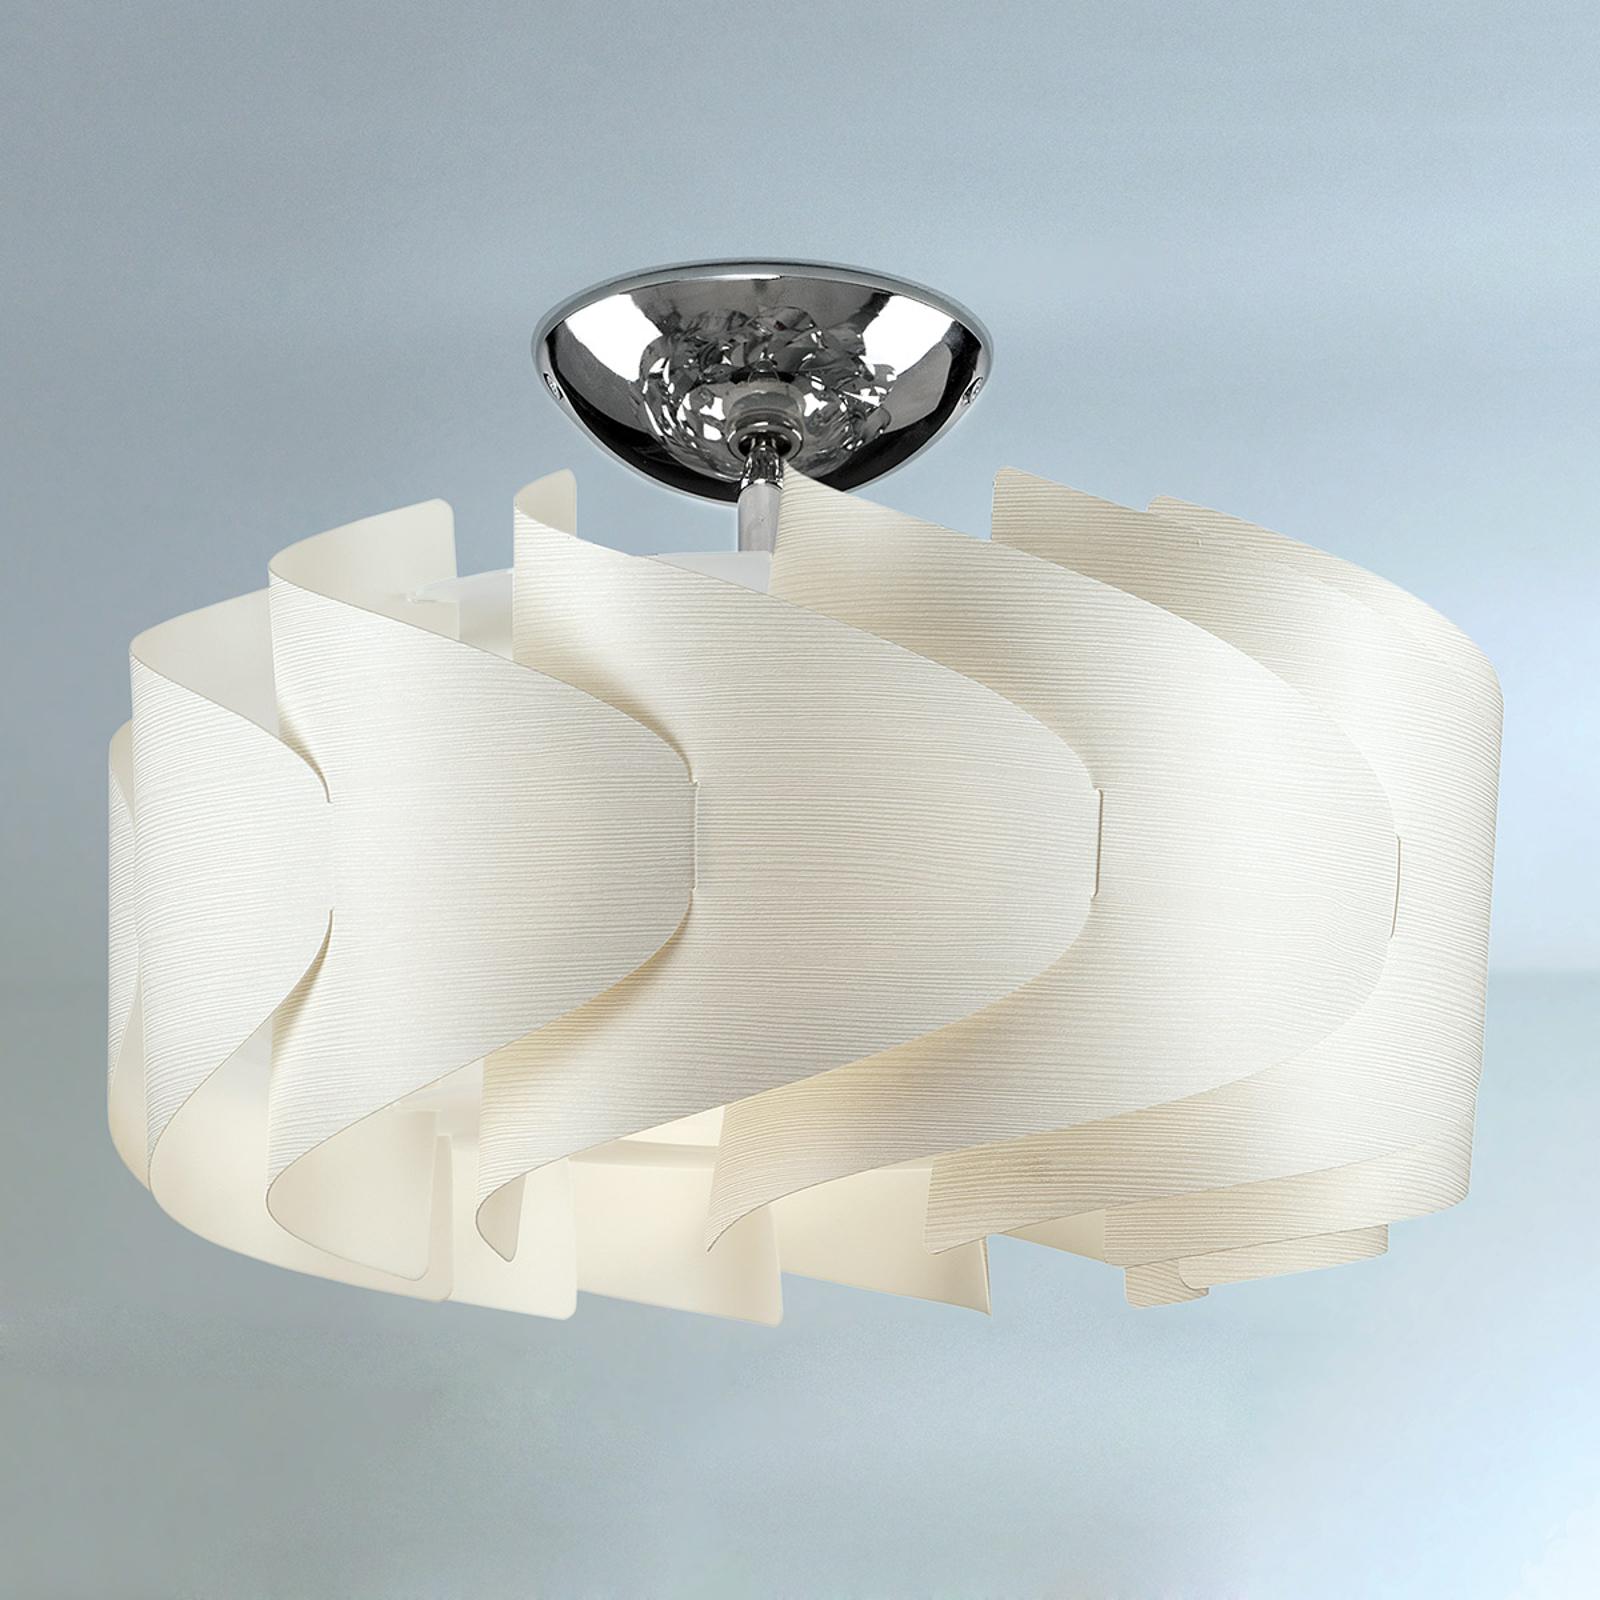 Stropné svietidlo Sky Mini Ellix drevený vzhľad_1056080_1